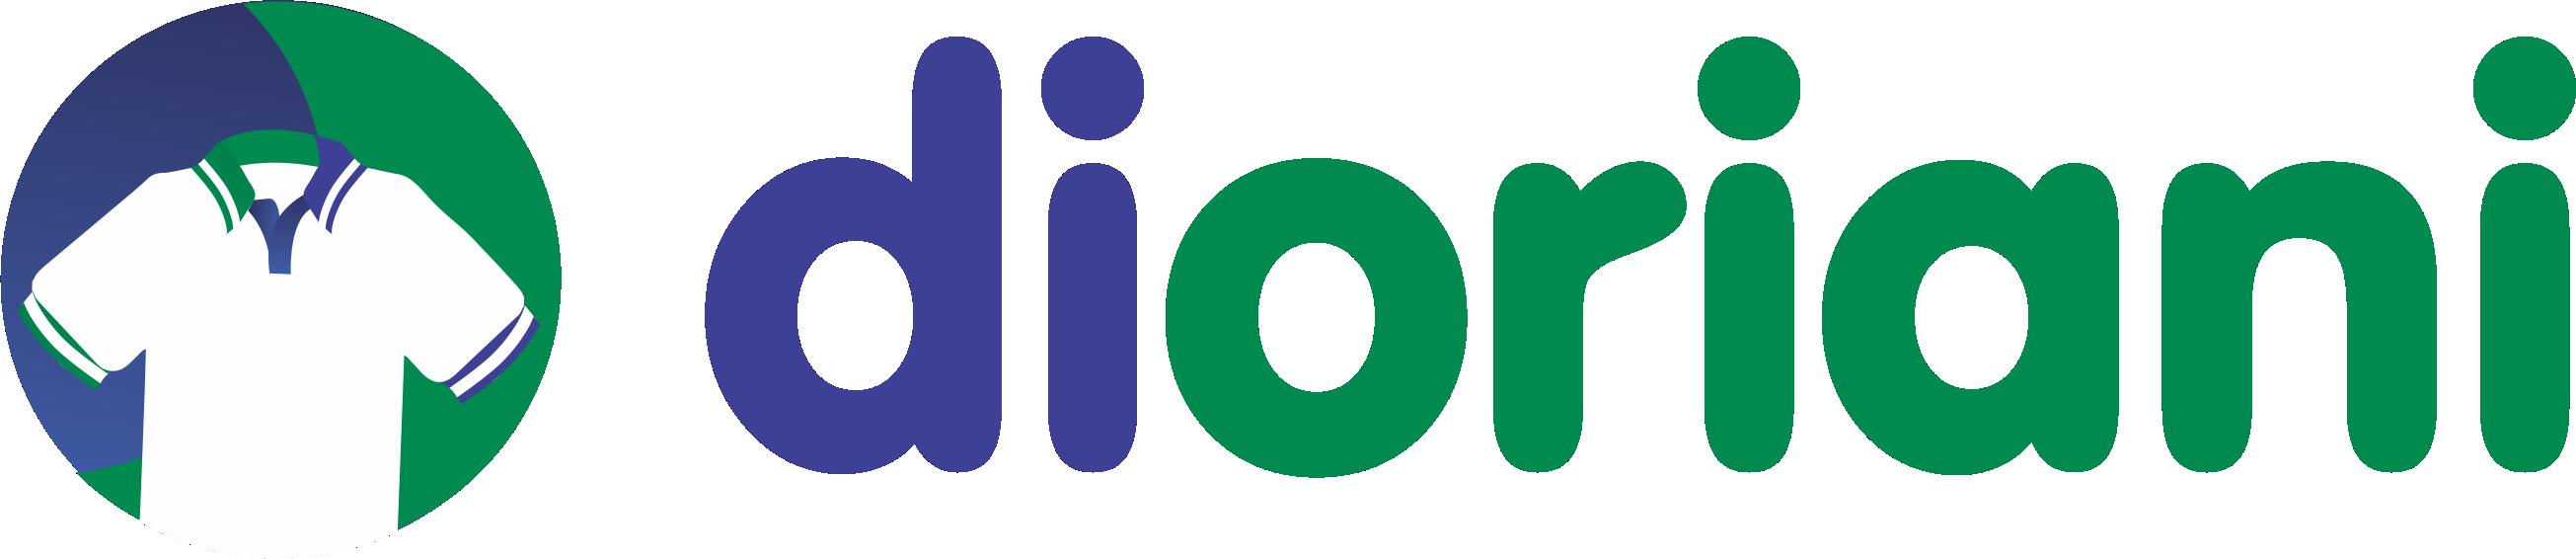 Dioriani - Dotación industrial, empresarial e institucional